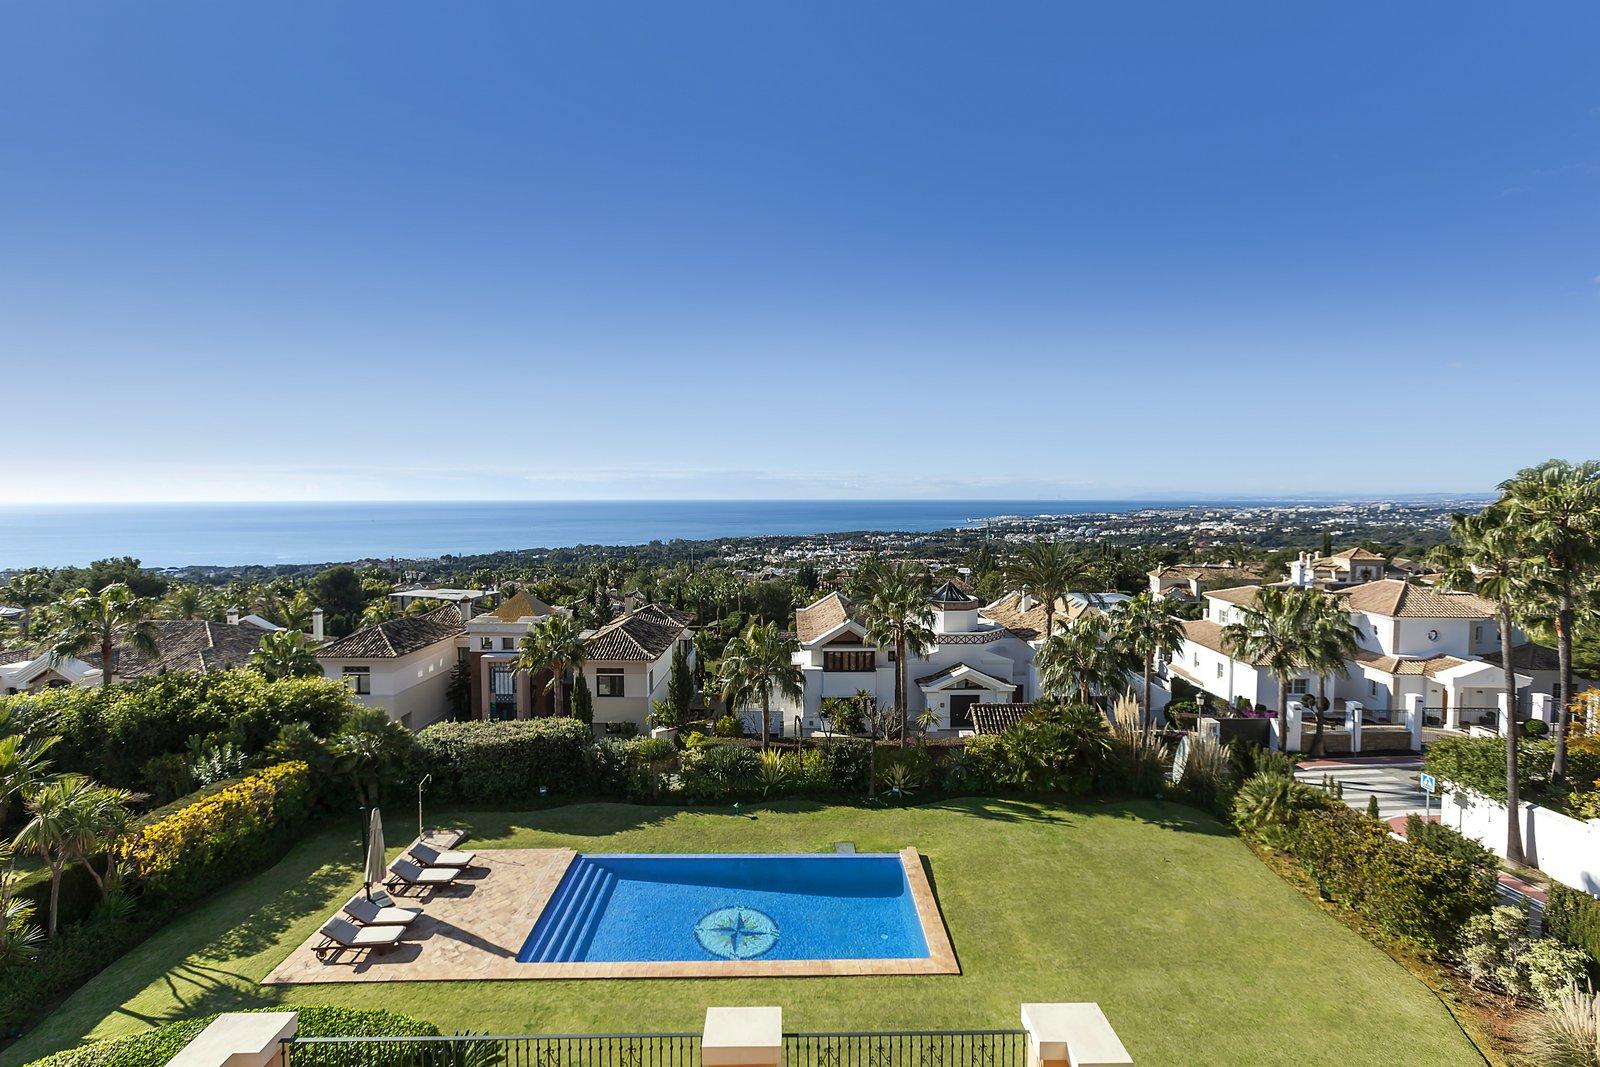 Sierra Blanca: urbanización privada en las colinas de Marbella